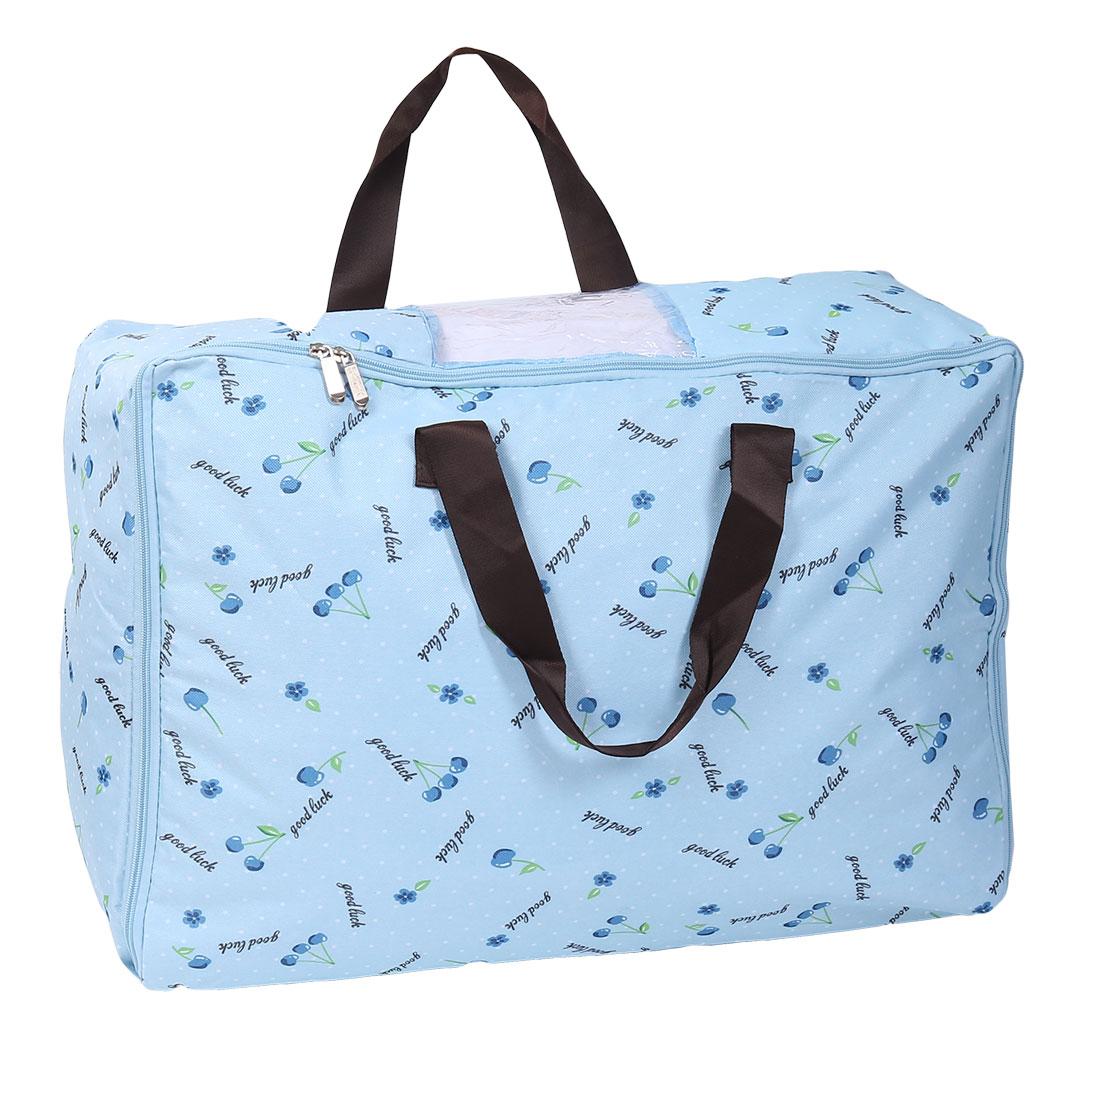 Floral Print Bed Sheets Quilt Duvet Storage Bag Container Blue 58cm x 38cm